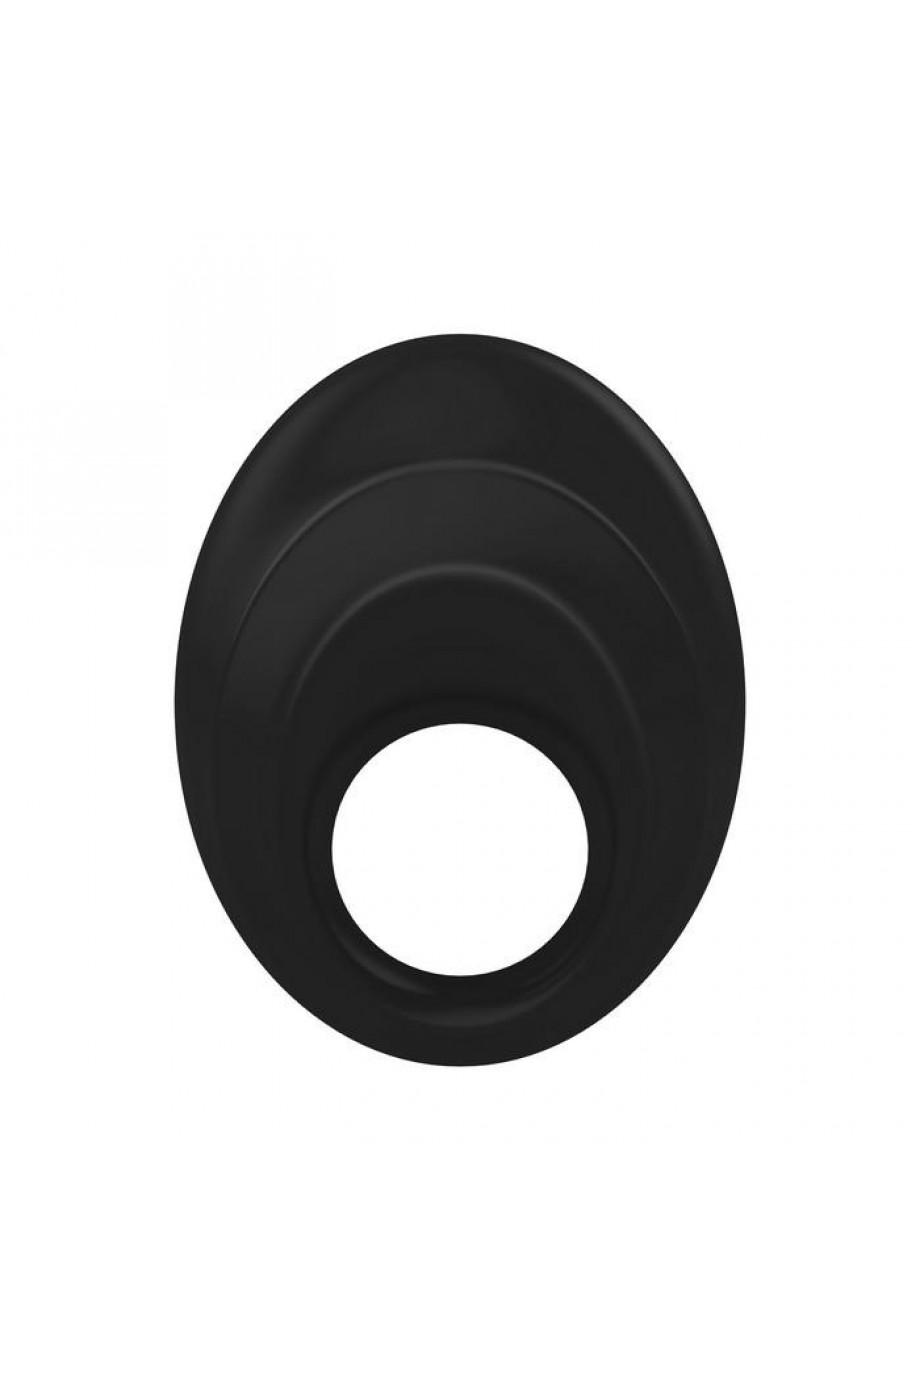 Эрекционное кольцо OVO закругленной стмулирующей формы с ультрасильной вибрацией, силиконовое, черное